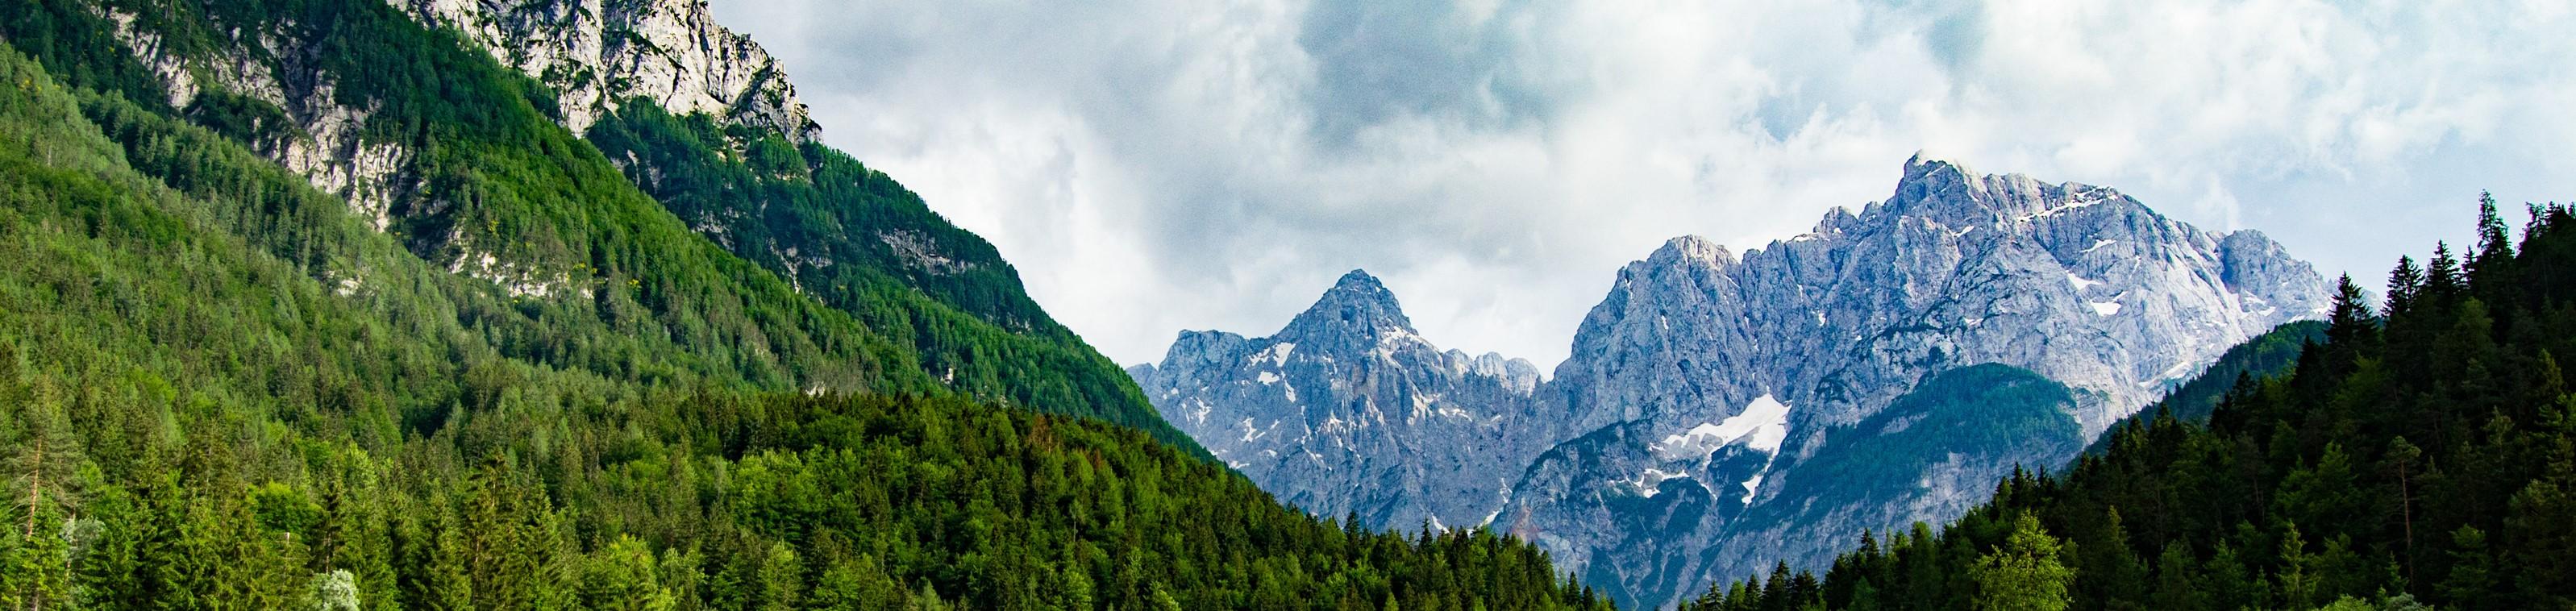 Slovenië, een veelzijdige parel